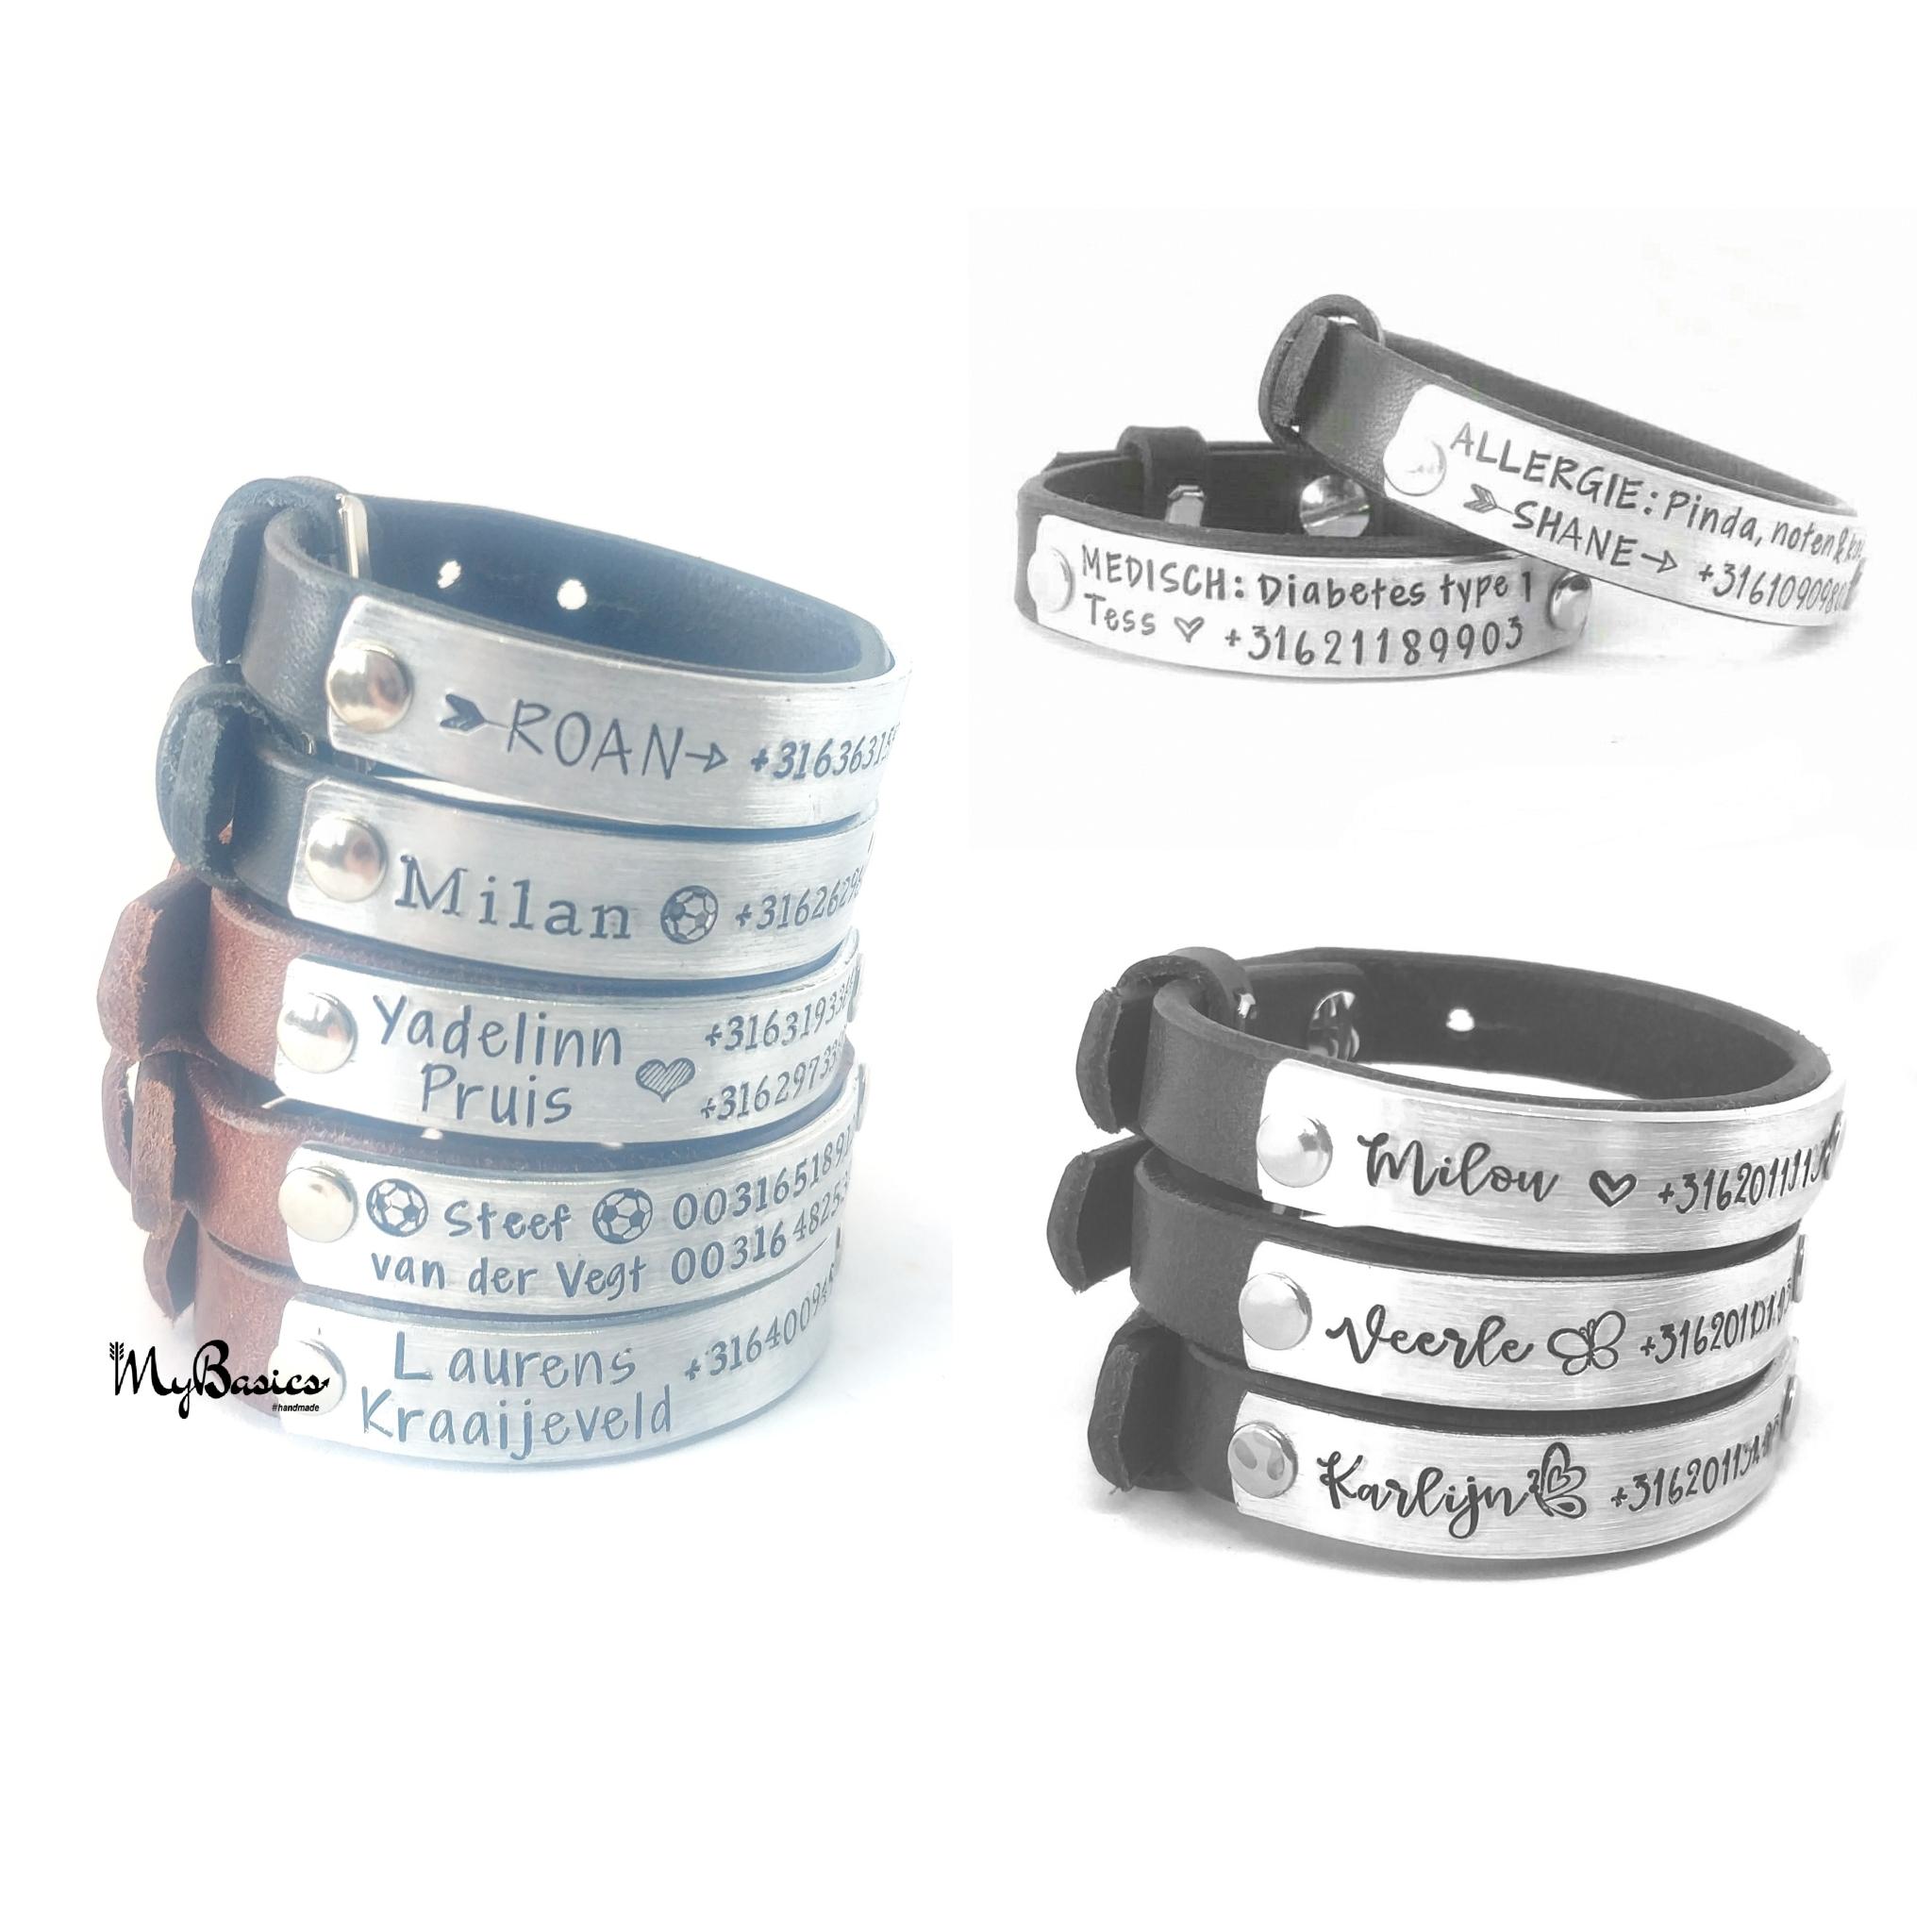 SOS Armbanden